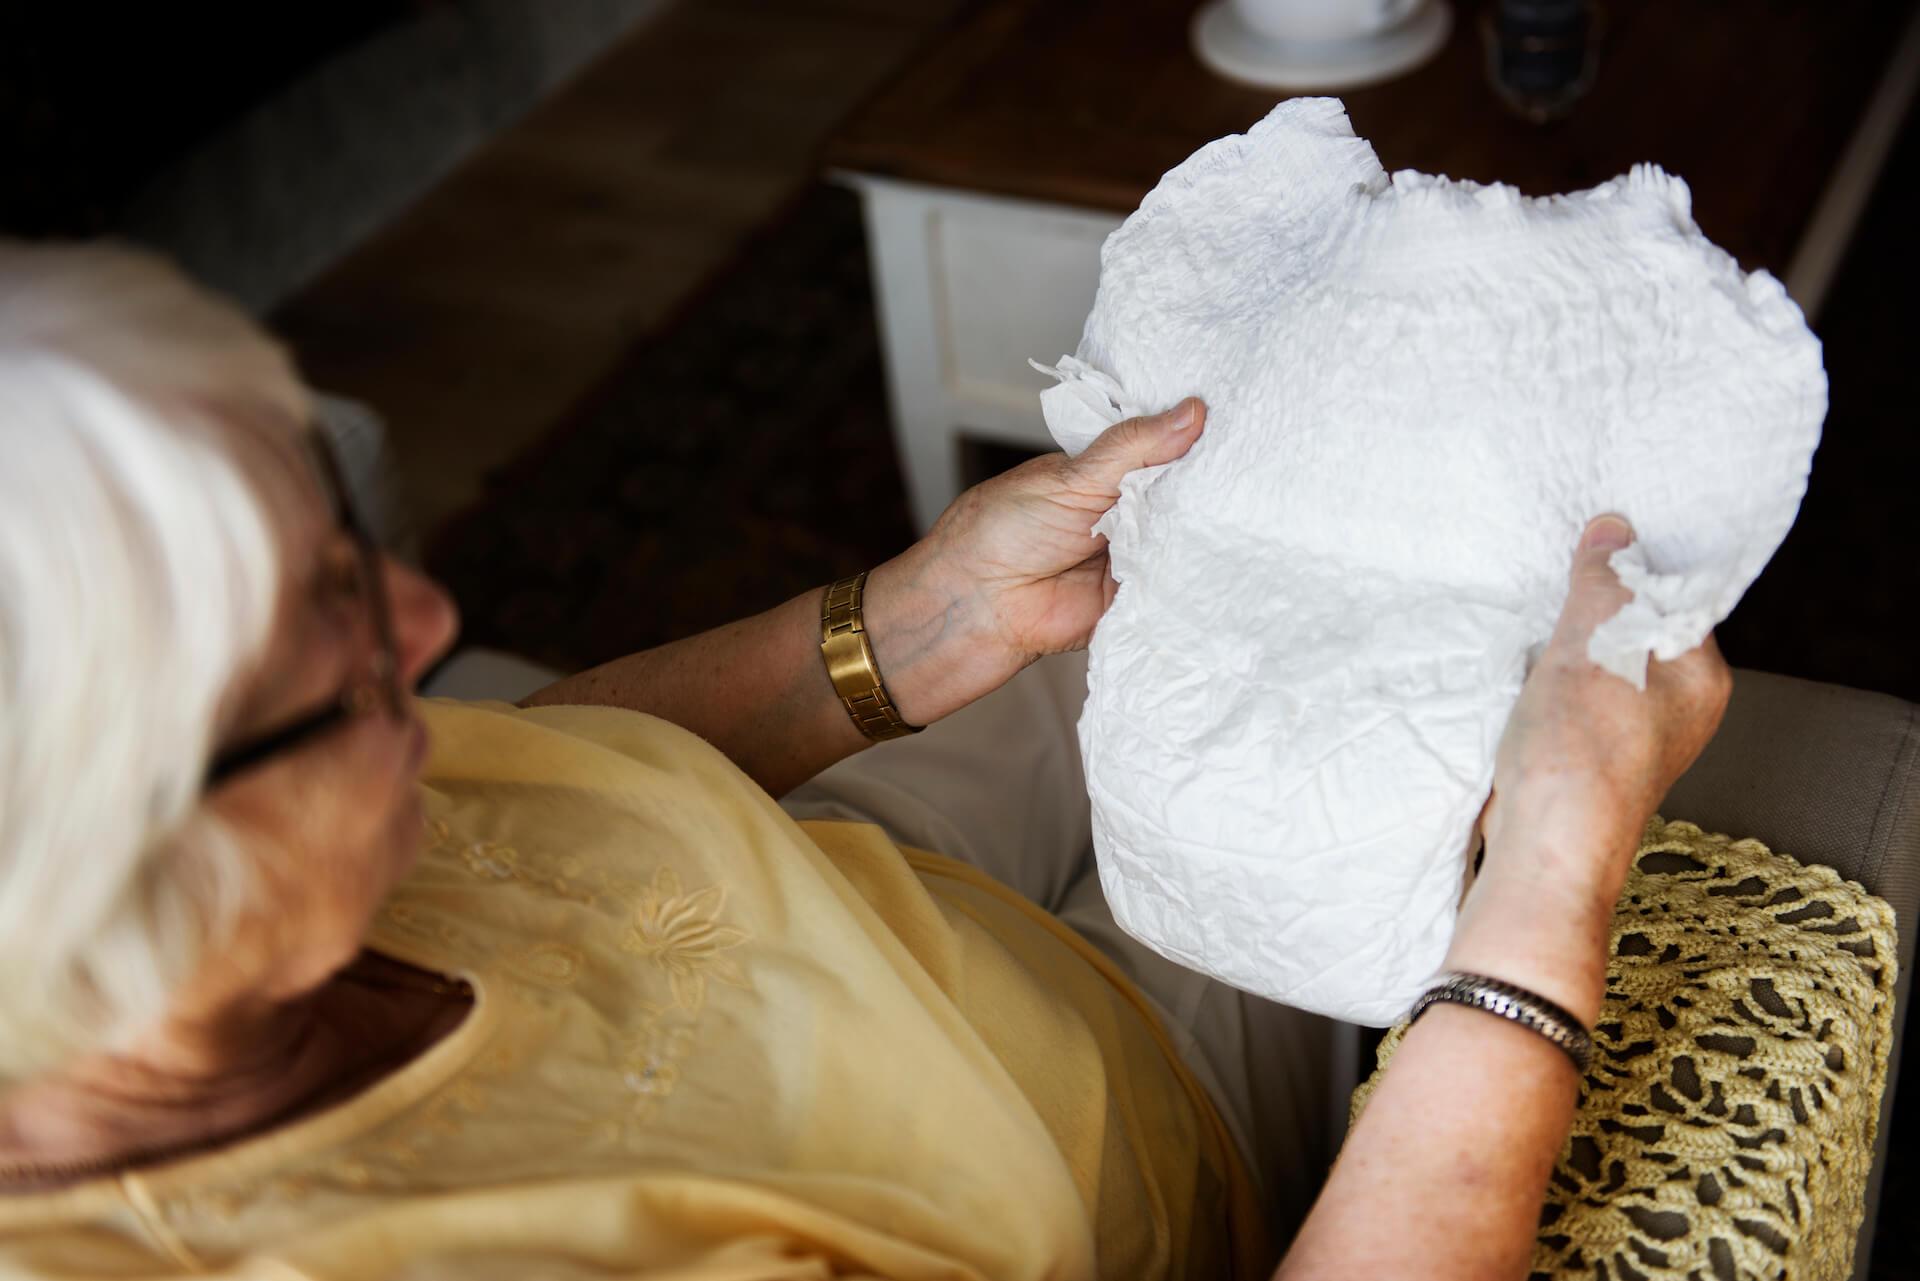 Az éjszakai bevizelés kezelése alatt felnőtt pelenkát érdemes használni.